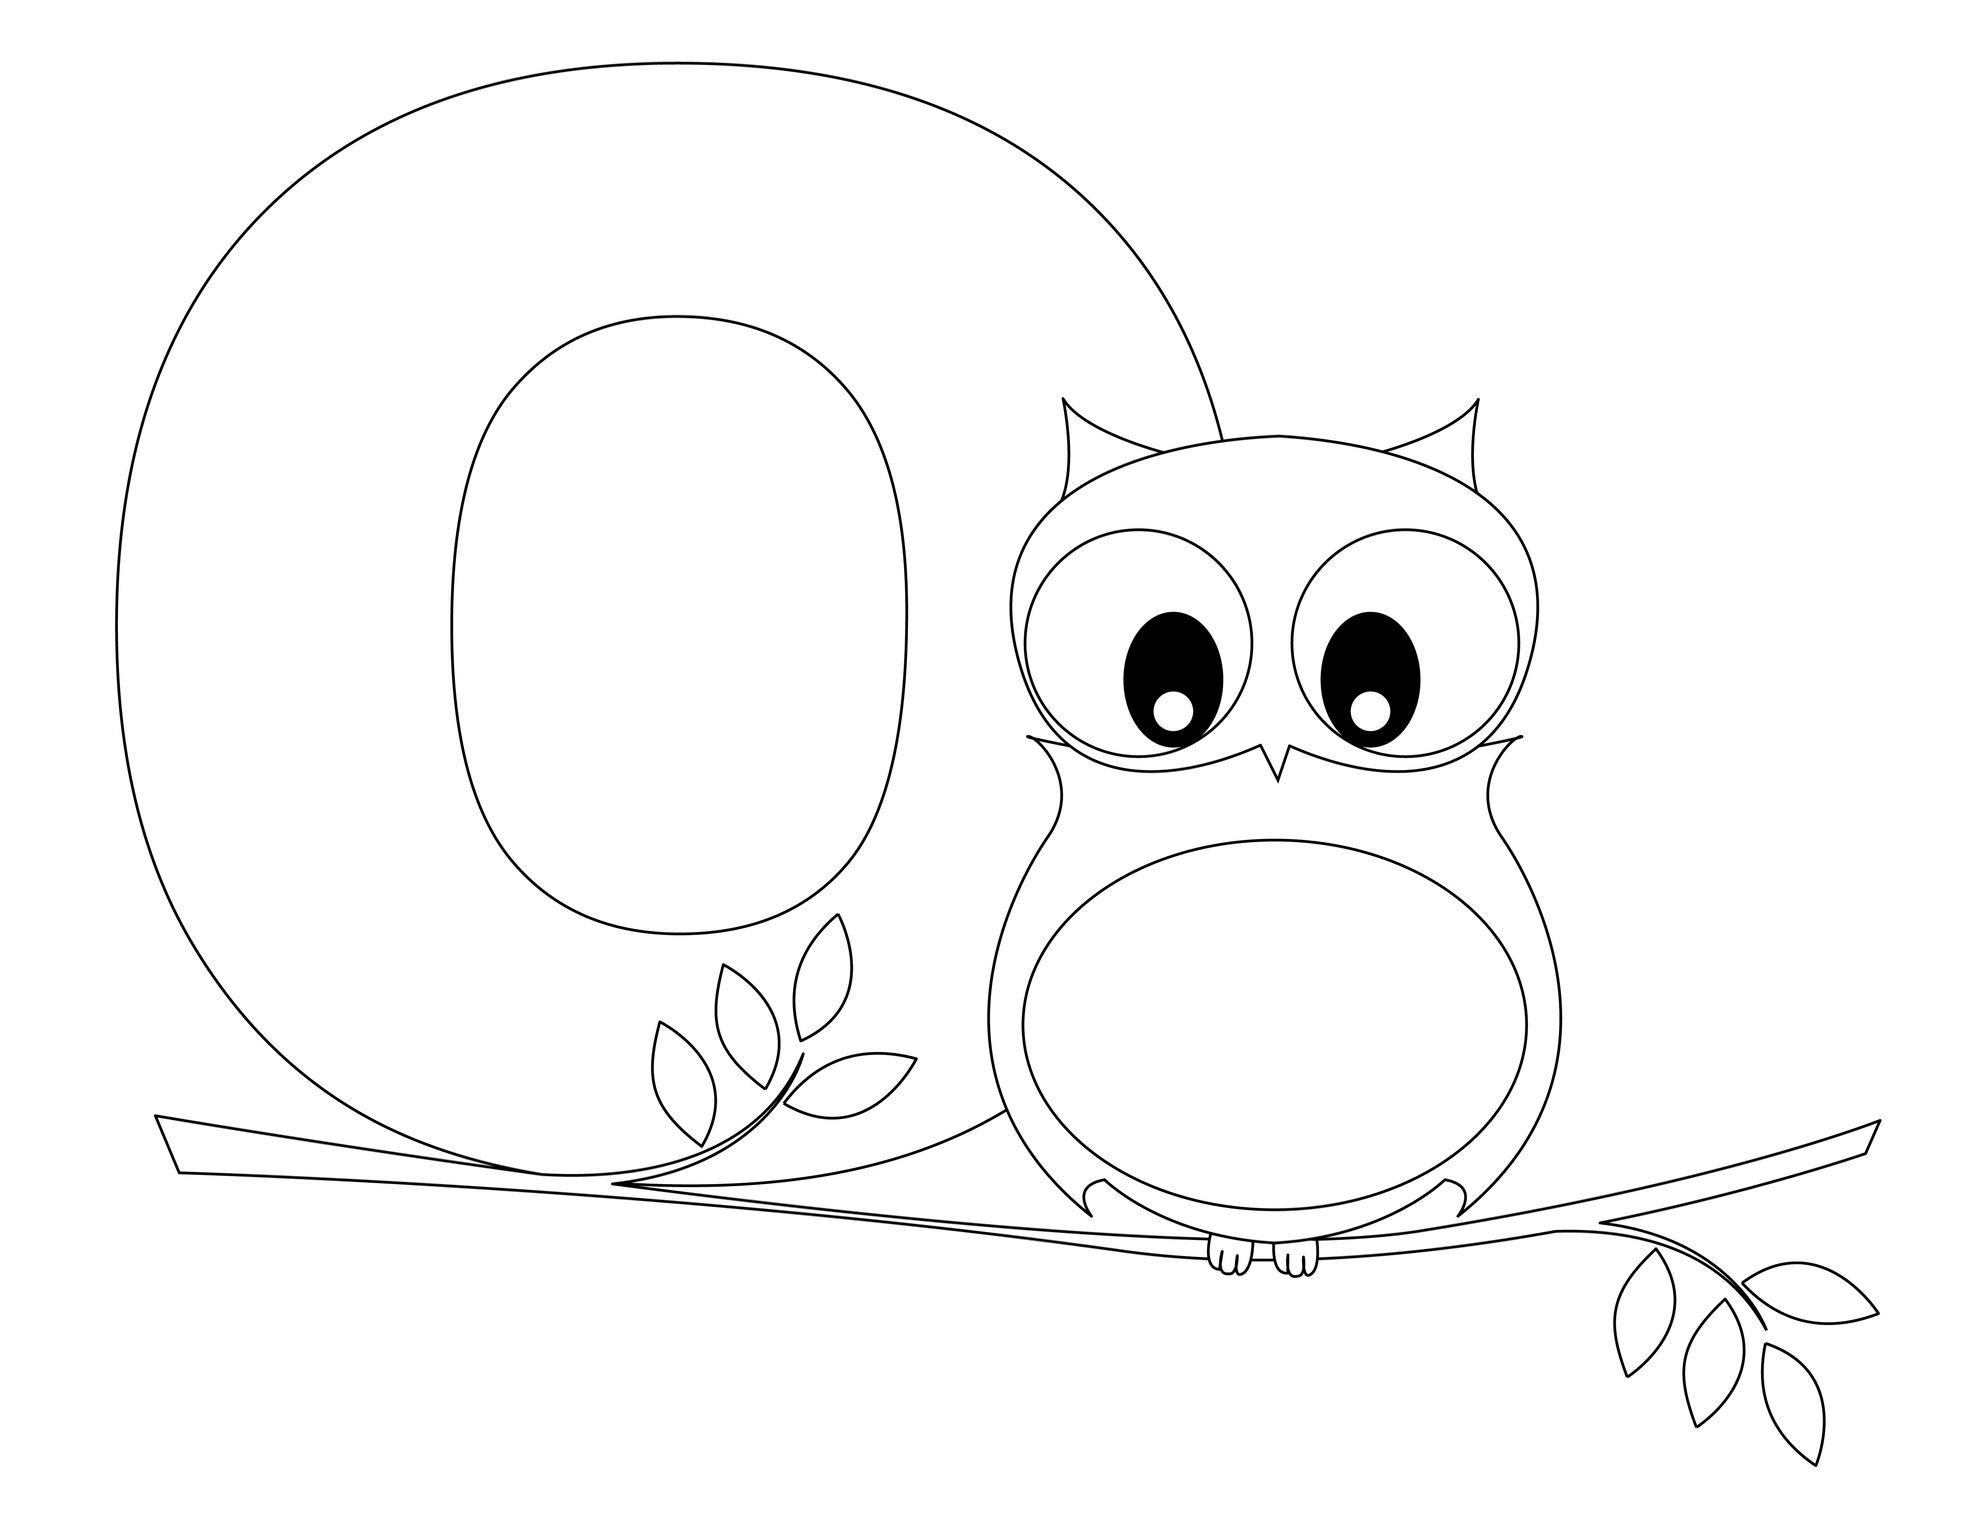 worksheet Owl Worksheets animal alphabet letter coloring worksheet from kiboomu worksheets printable o is for owl pages kids rest time when reading owls